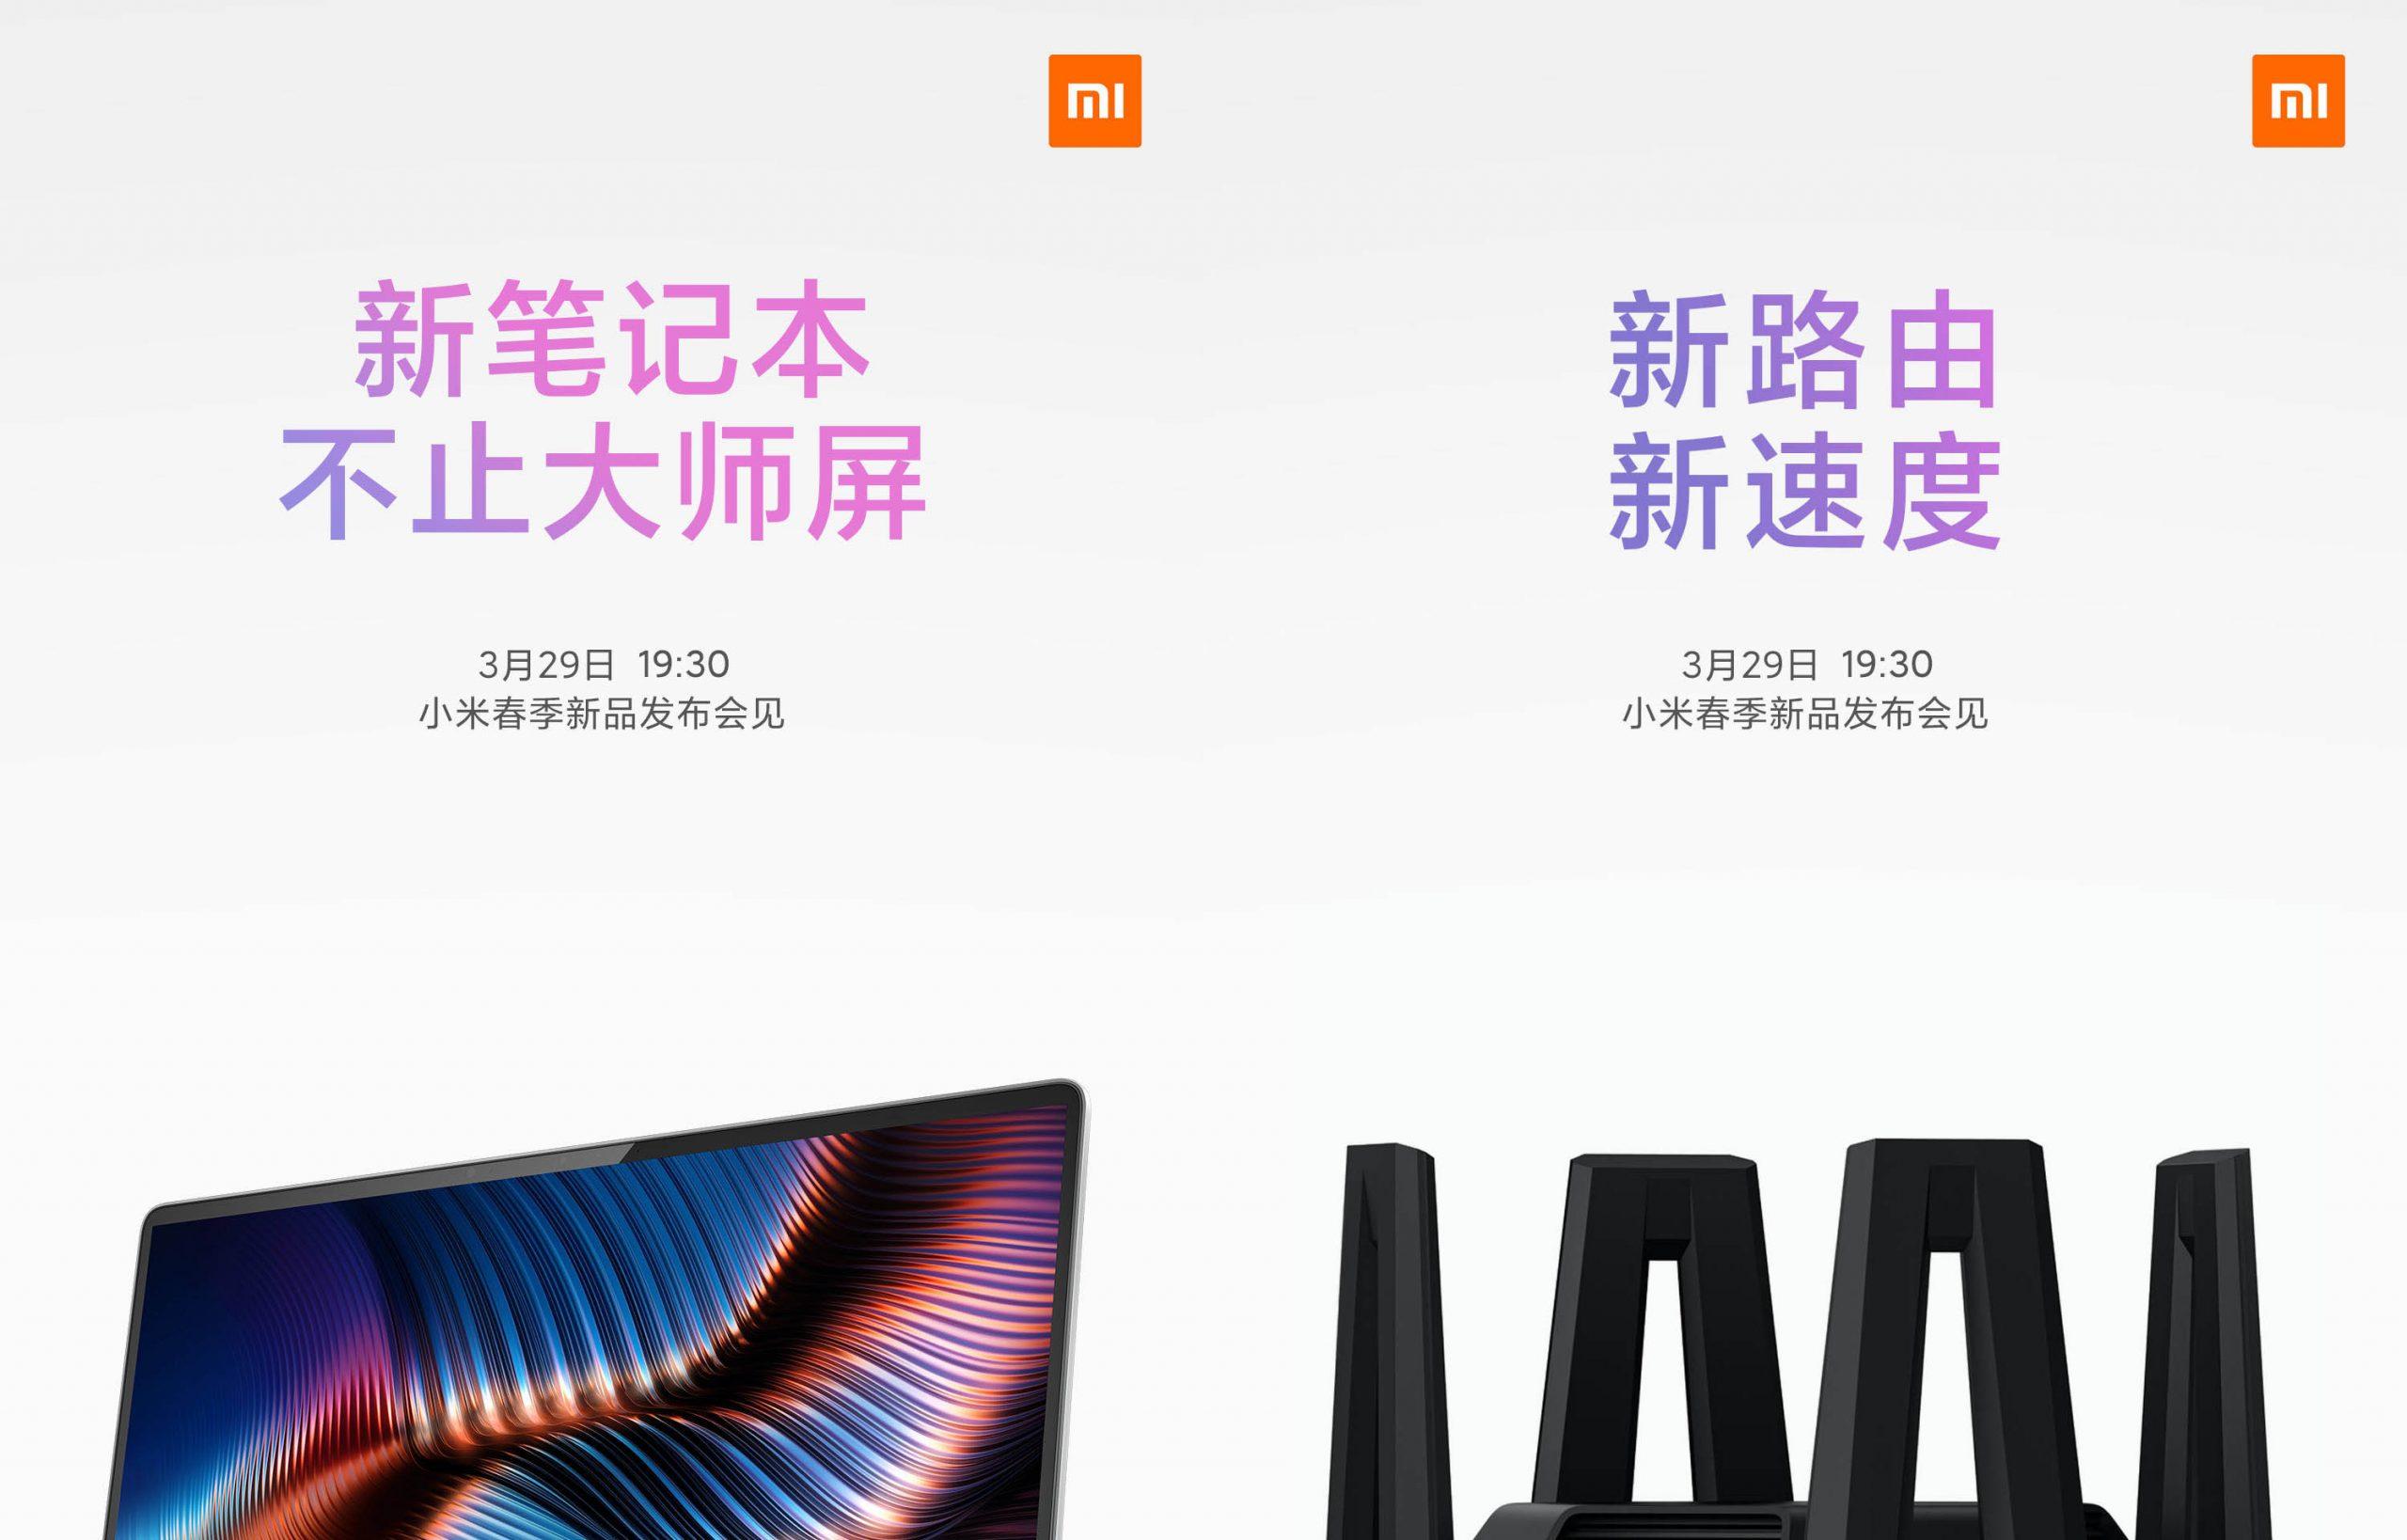 No solo smartphones, todos estos productos serán presentados mañana por Xiaomi. Noticias Xiaomi Adictos